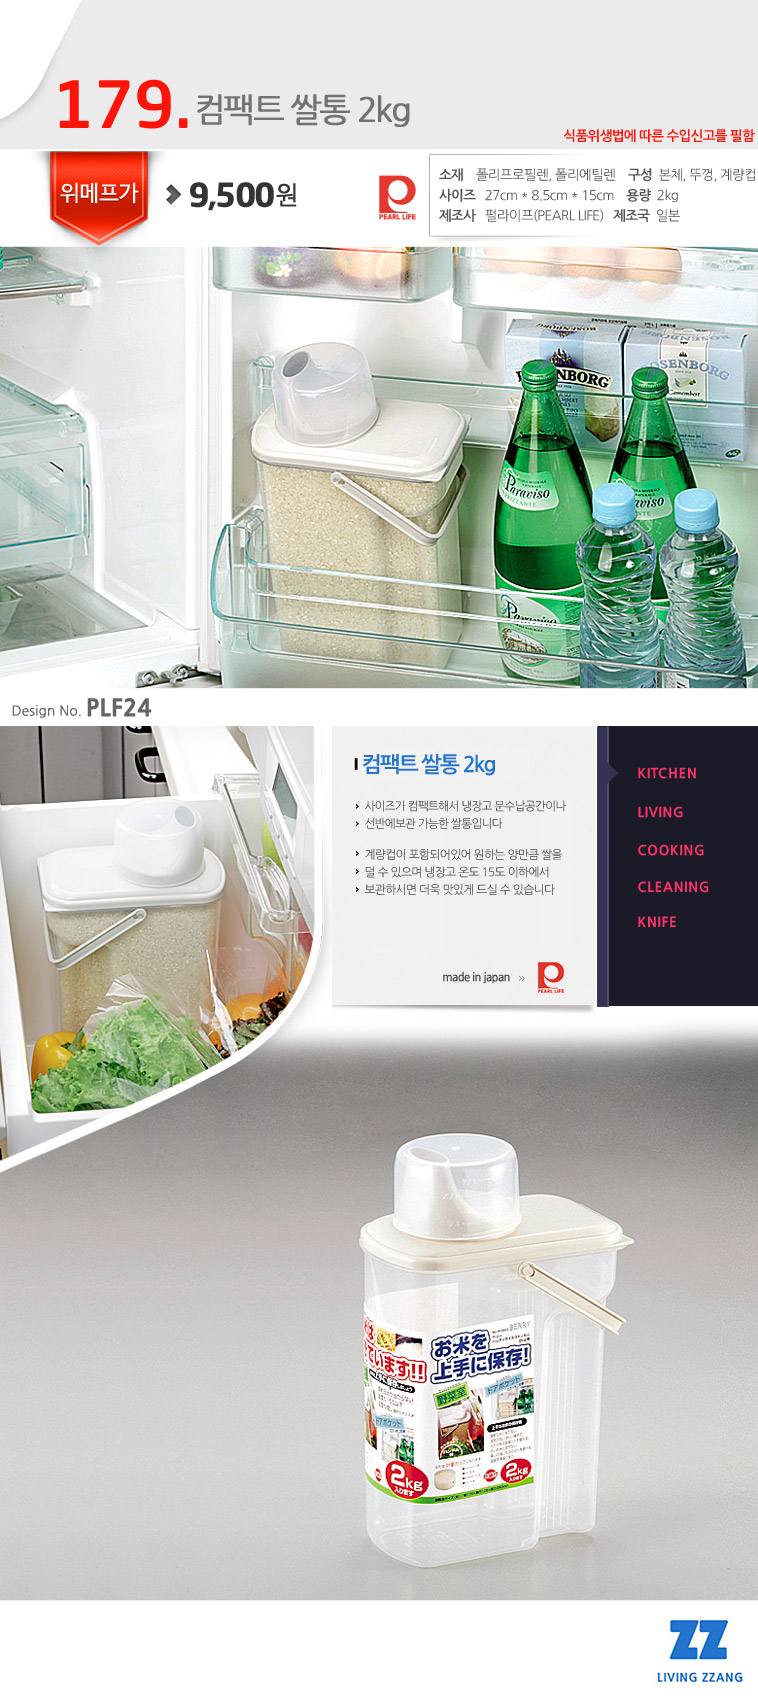 일본 아이디어주방 218종 - 상세정보